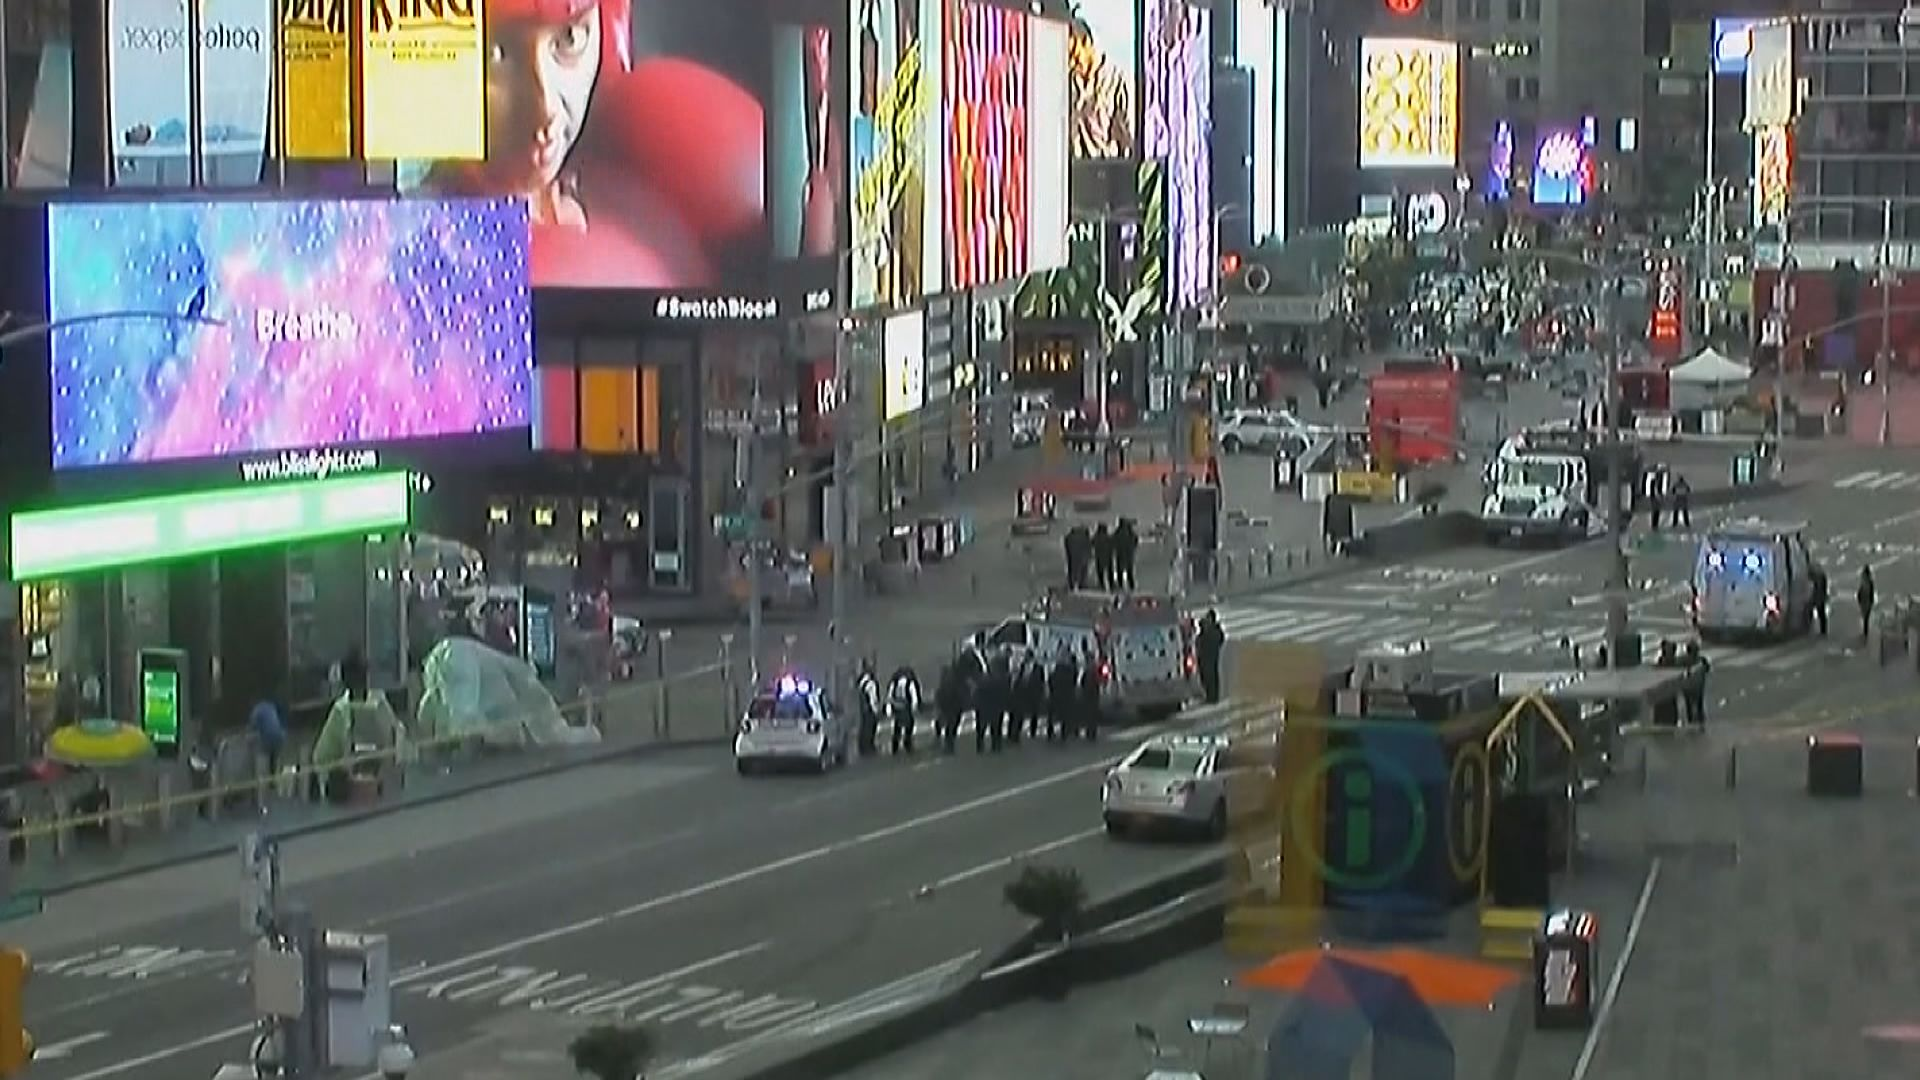 紐約時代廣場發生槍擊事件三人傷